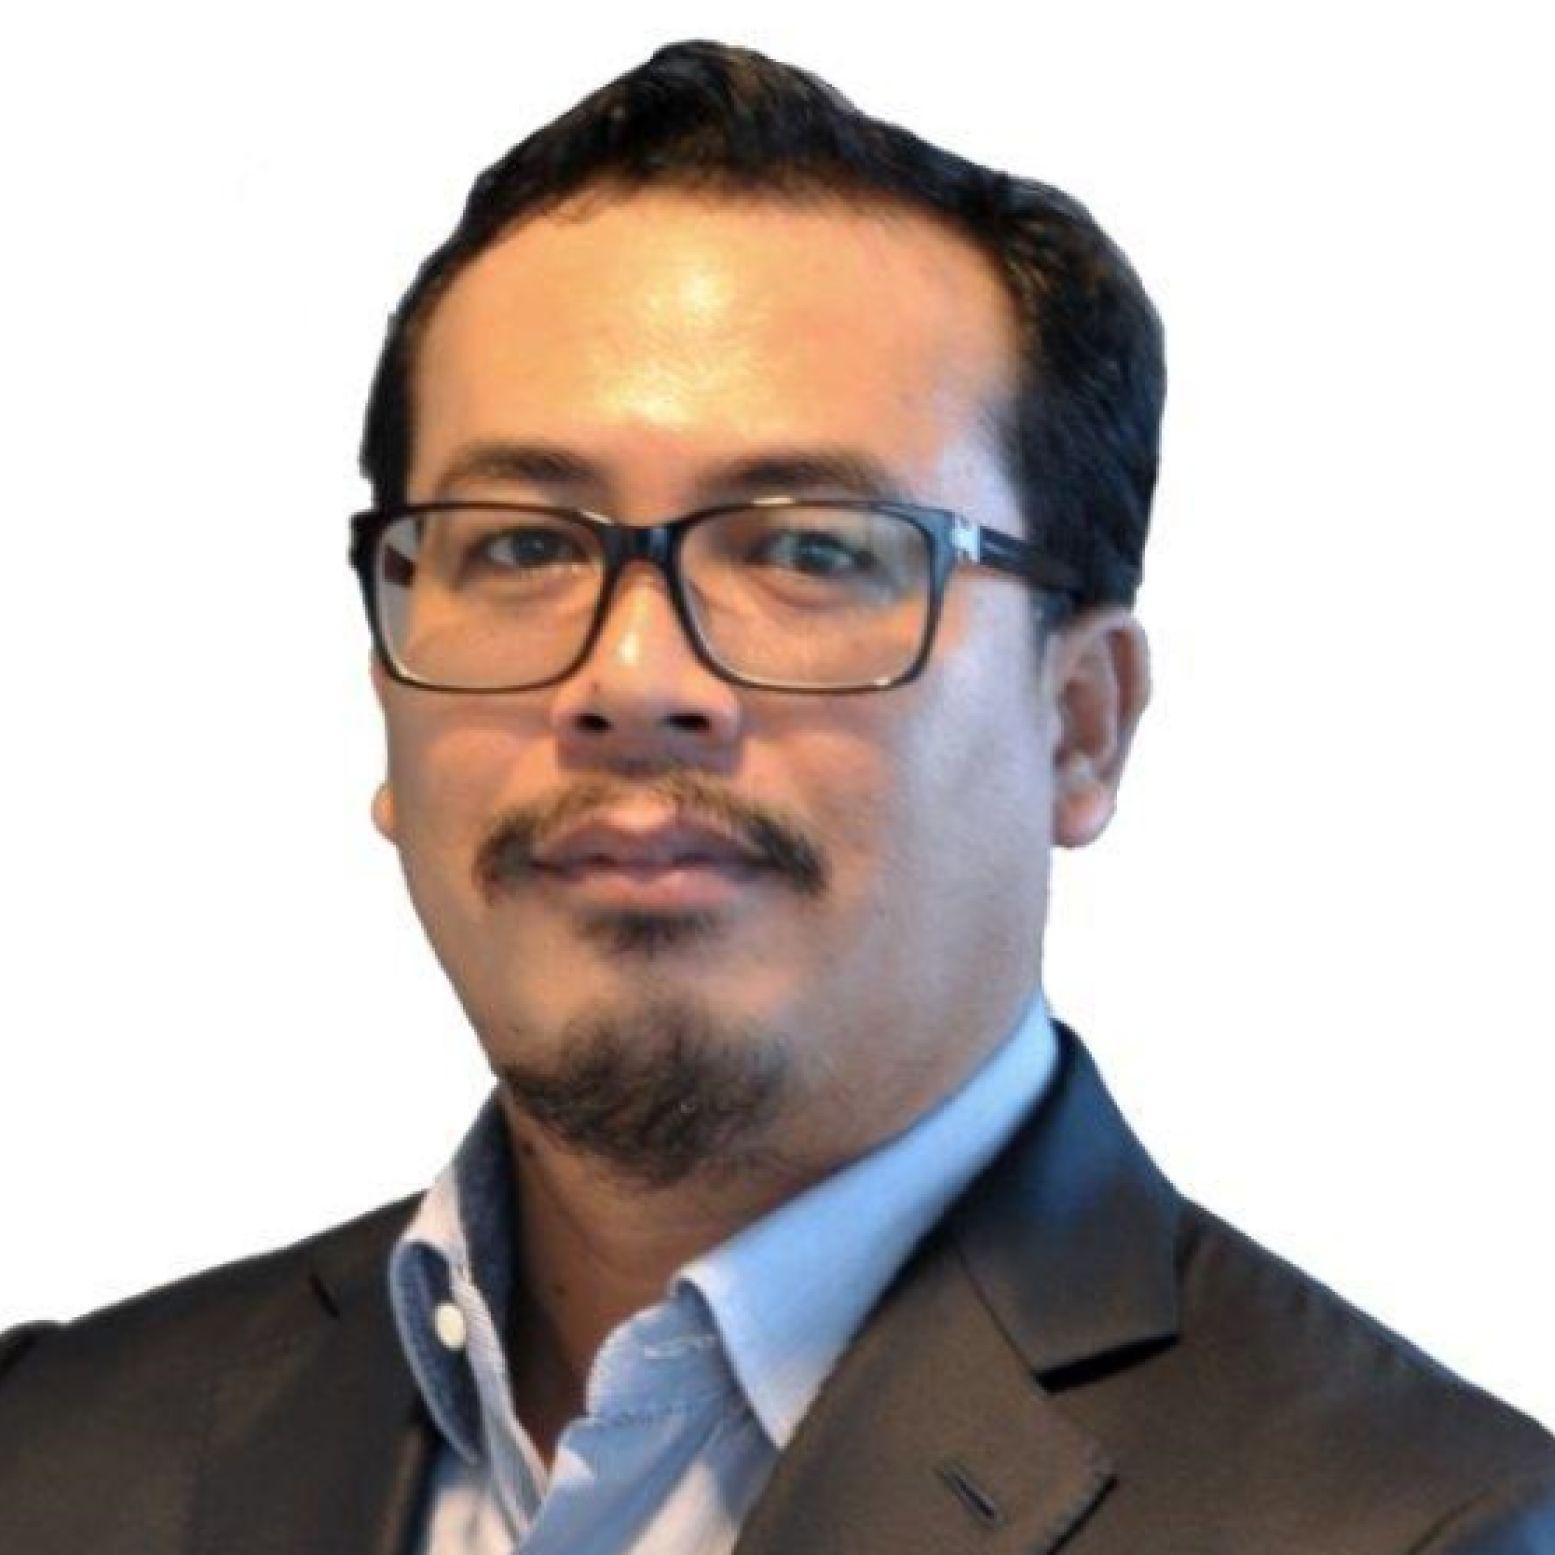 Ismail Aslam Abdullah